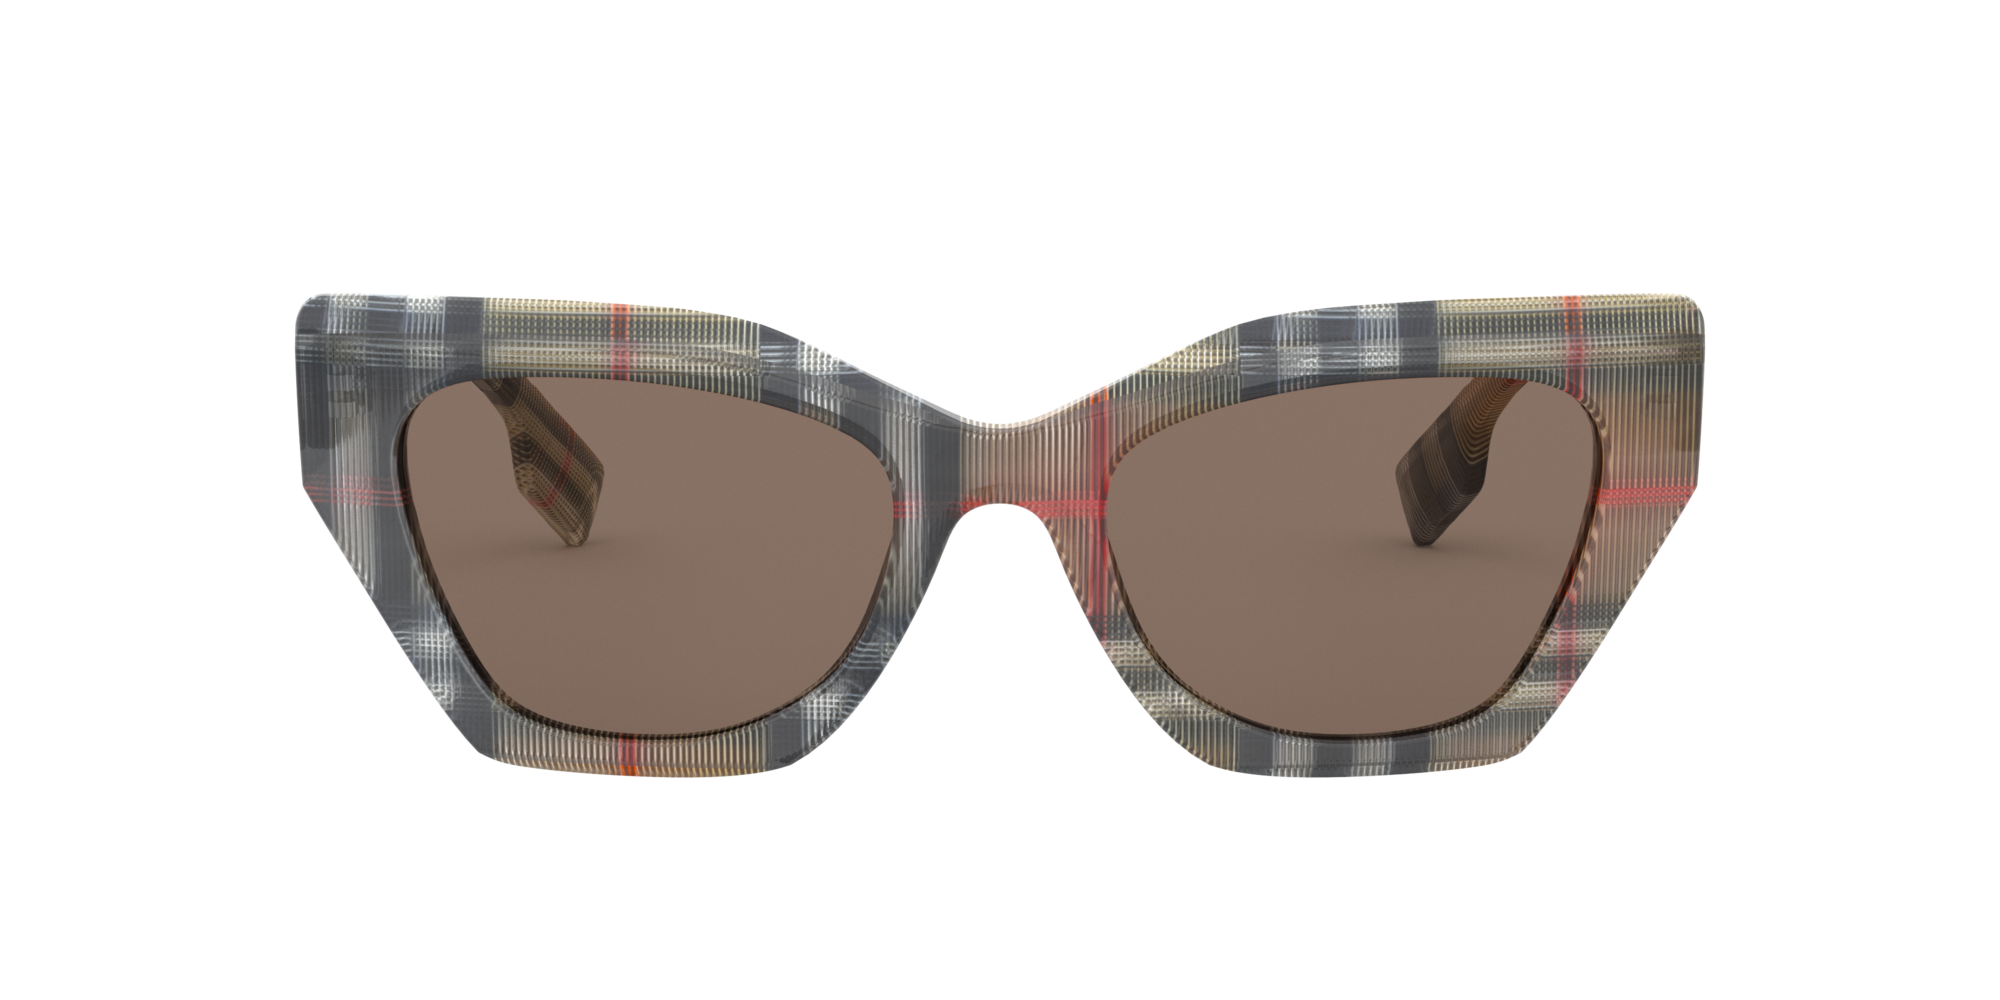 Imagen para BE4299 52 CRESSY de LensCrafters |  Espejuelos, espejuelos graduados en línea, gafas